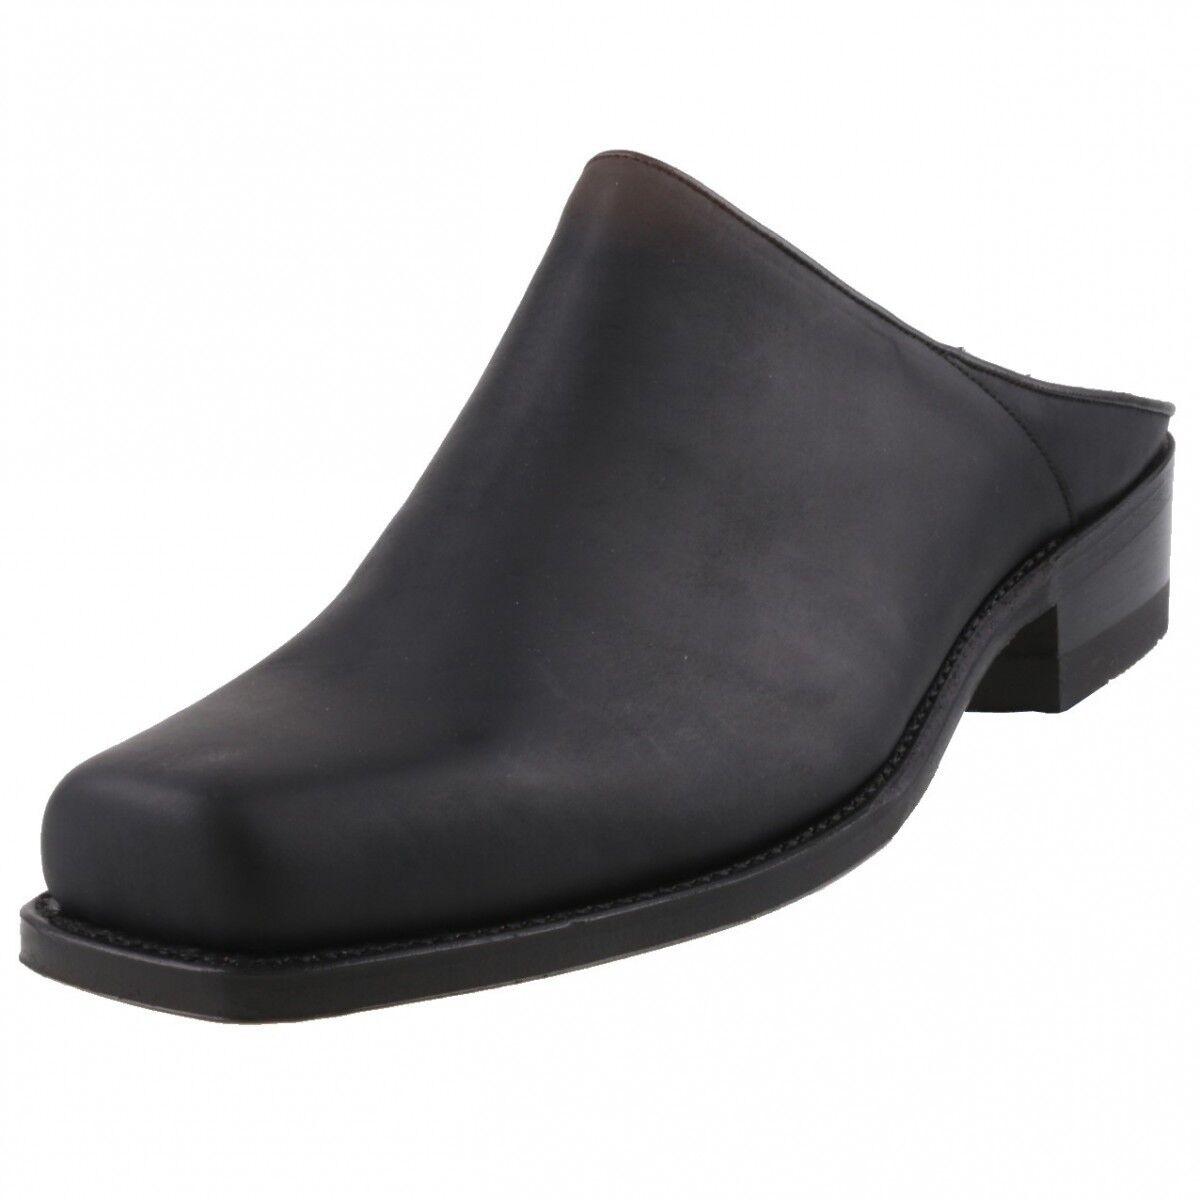 Neu SENDRA Stiefel Herrenschuhe Clogs Sabotschuhe Sabot Leder Schuhe Biker-Schuhe